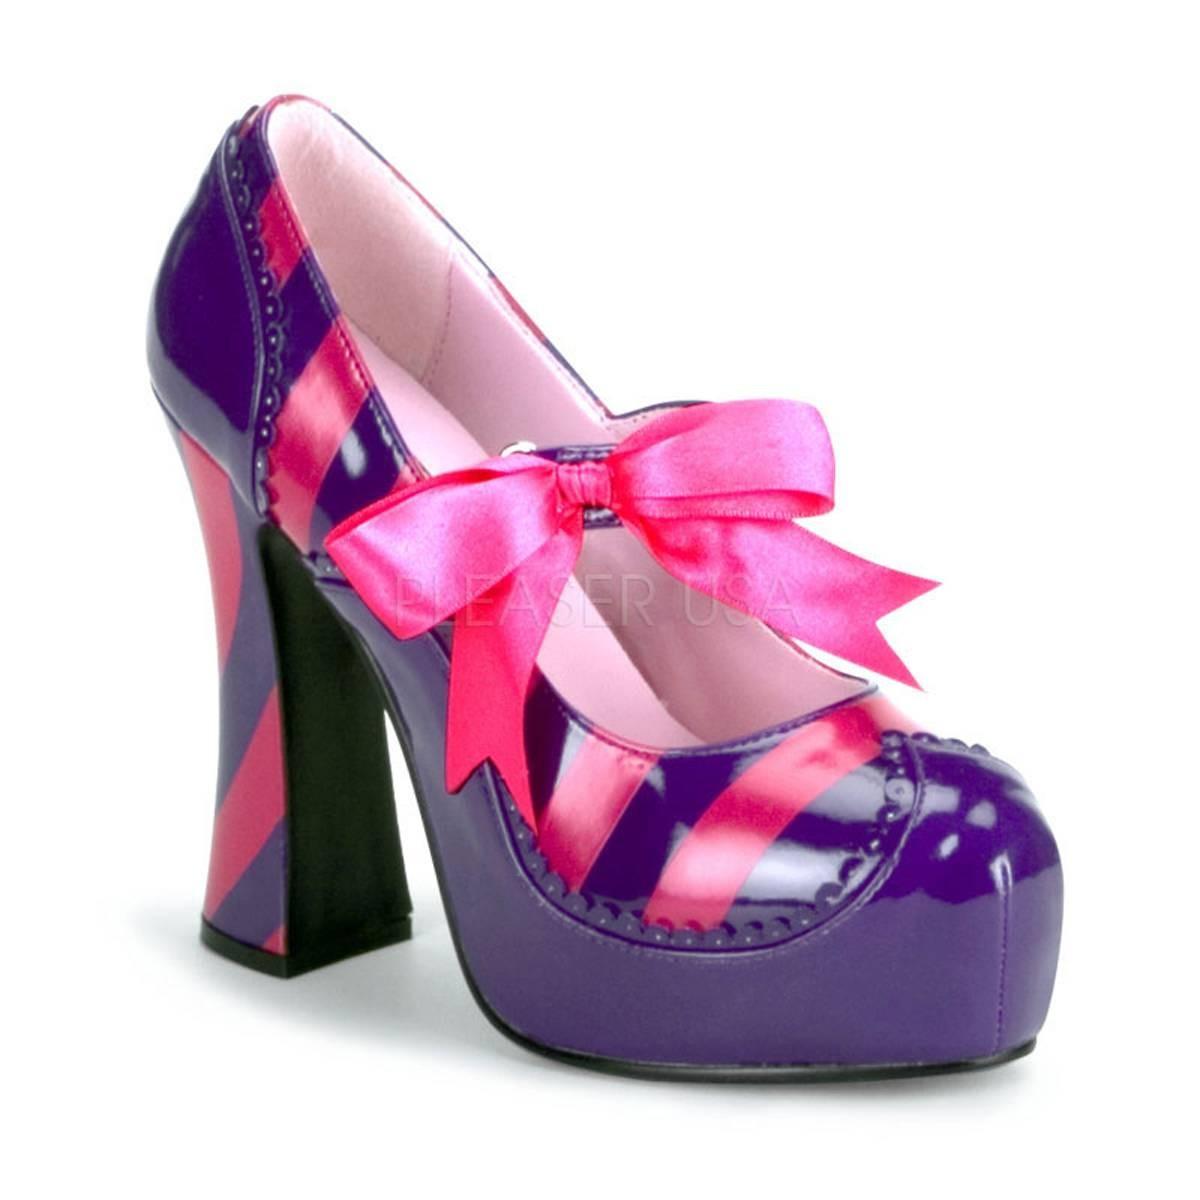 Pumps für Frauen - KITTY 32 ° Damen Pumps ° Violett Pink Glänzend ° Funtasma  - Onlineshop RedSixty